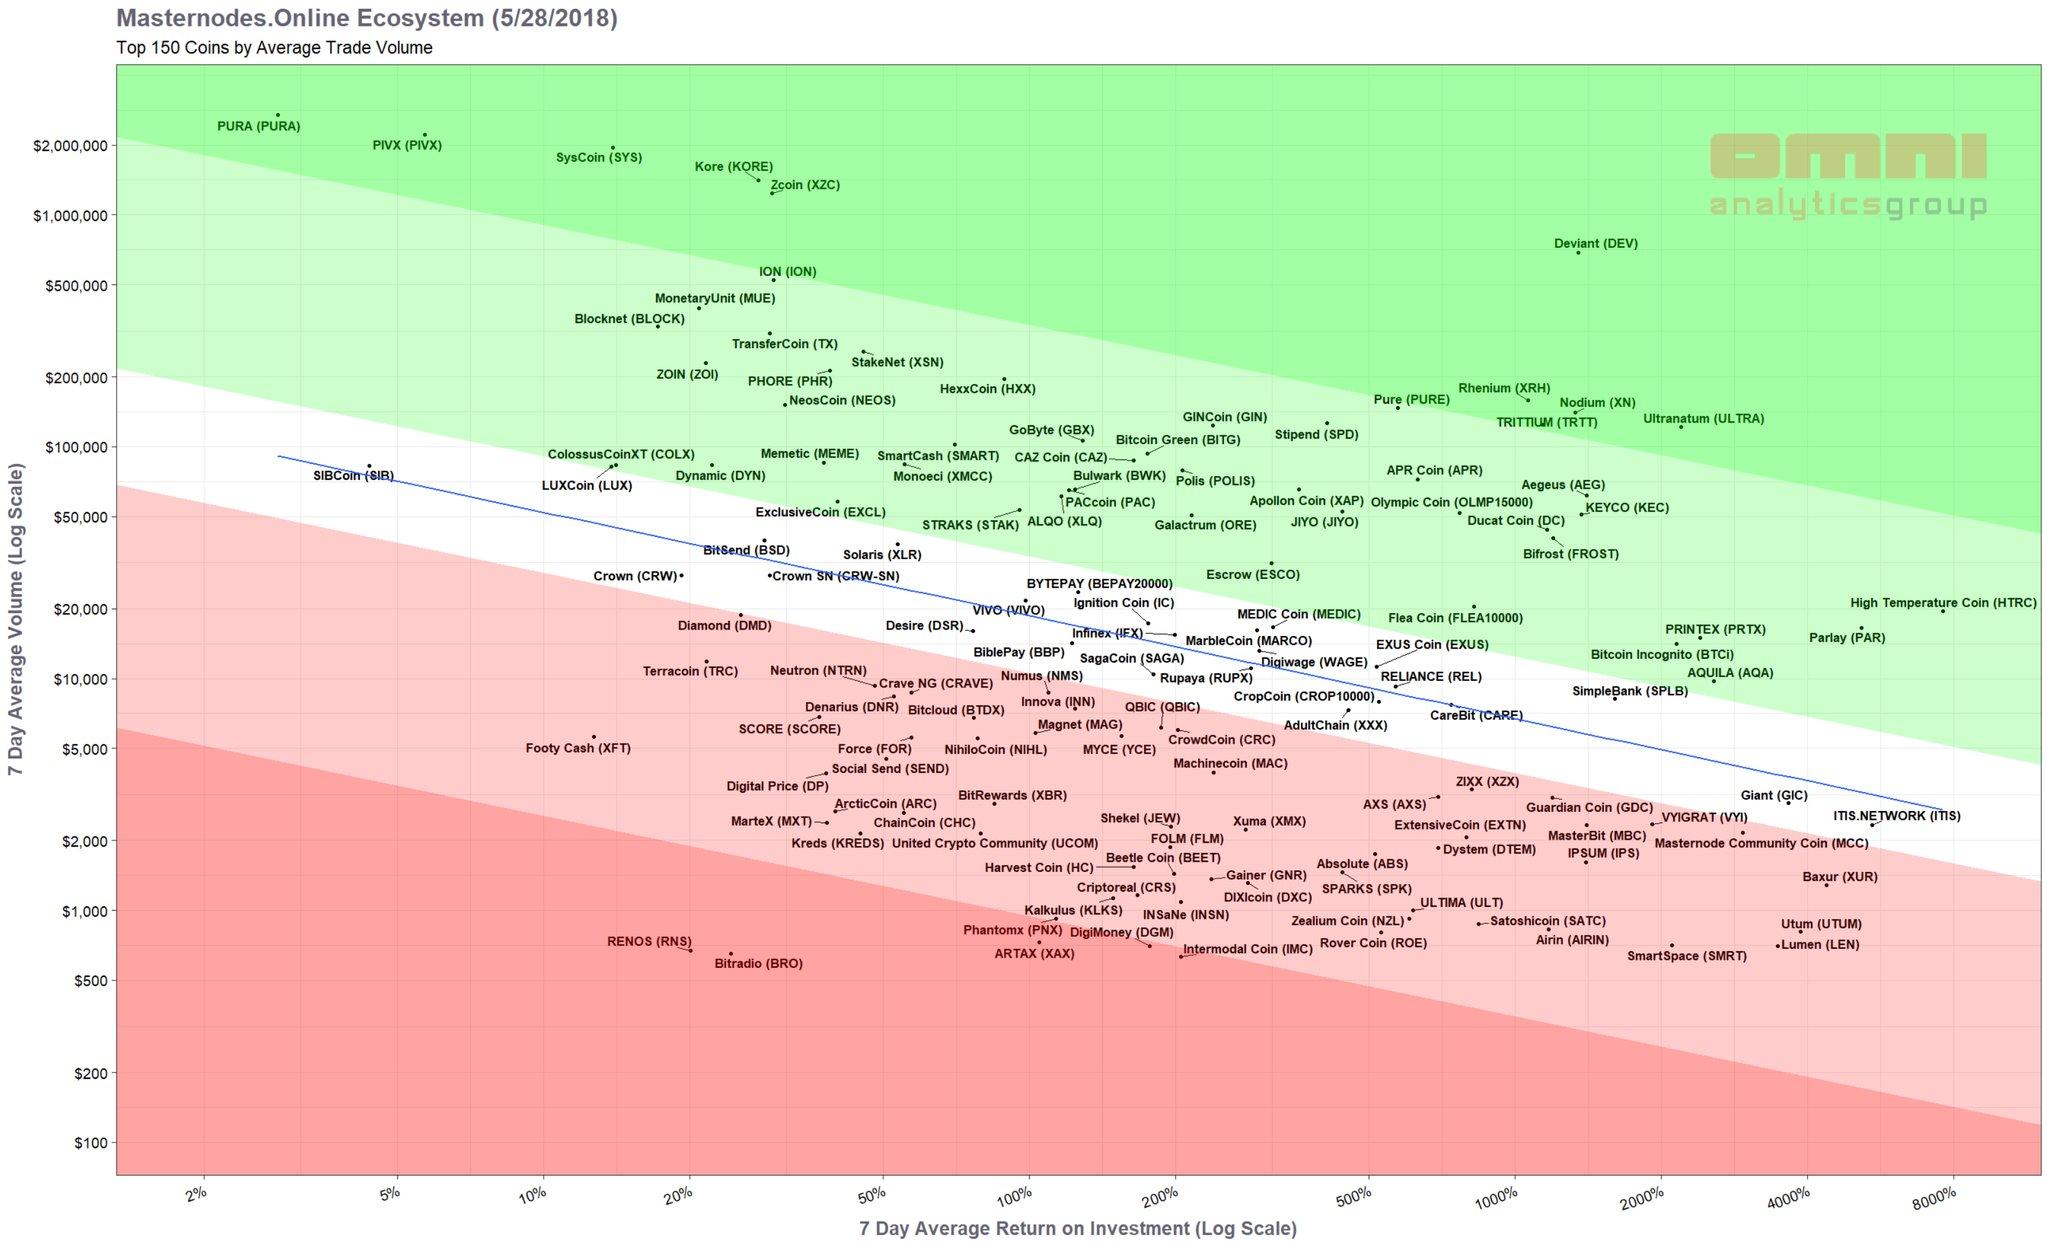 Choisir un masternode : Relation entre la liquidité et le ROI